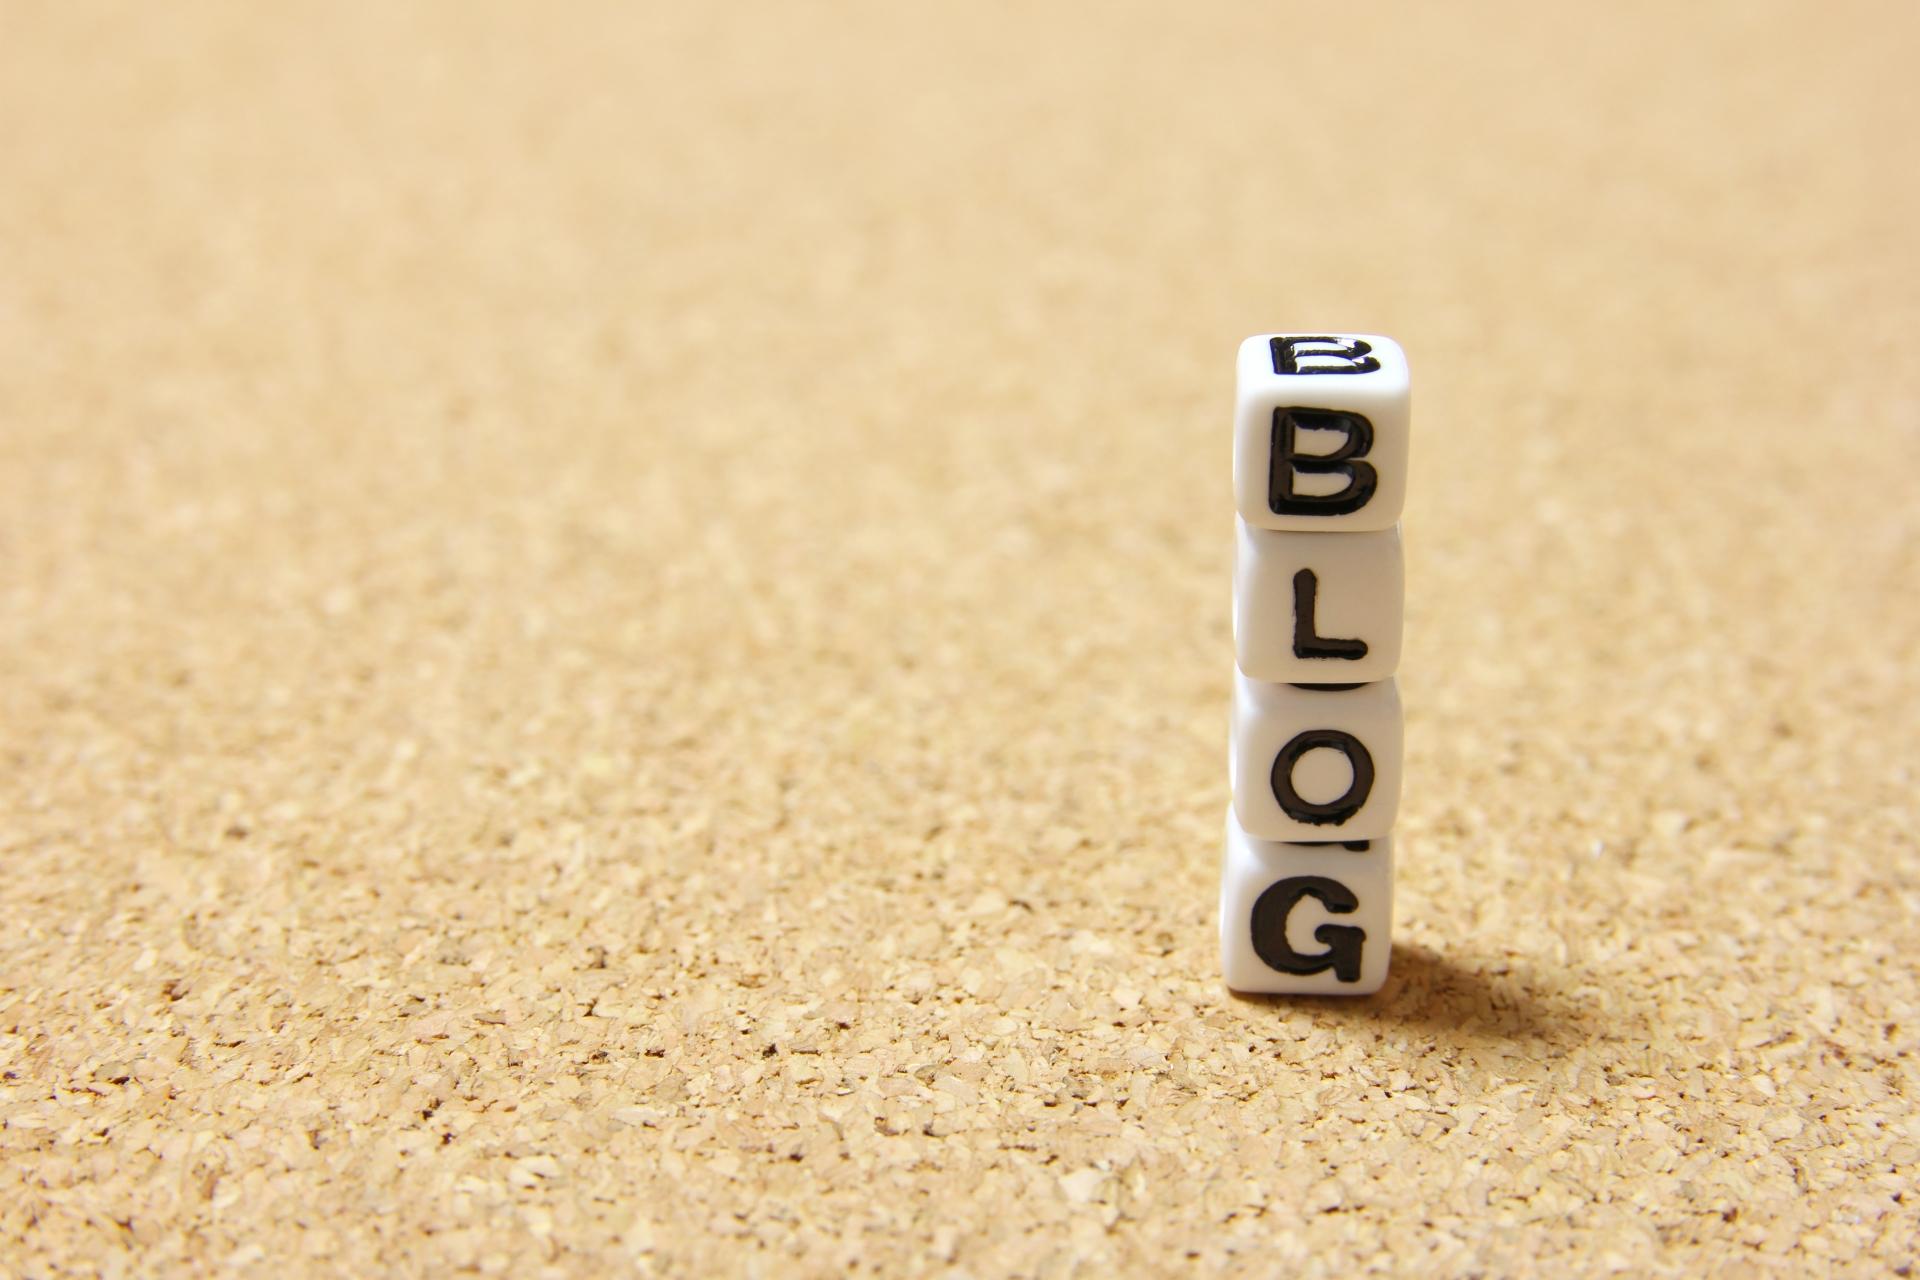 競馬新聞と競馬ブログ当たるのはどっち?